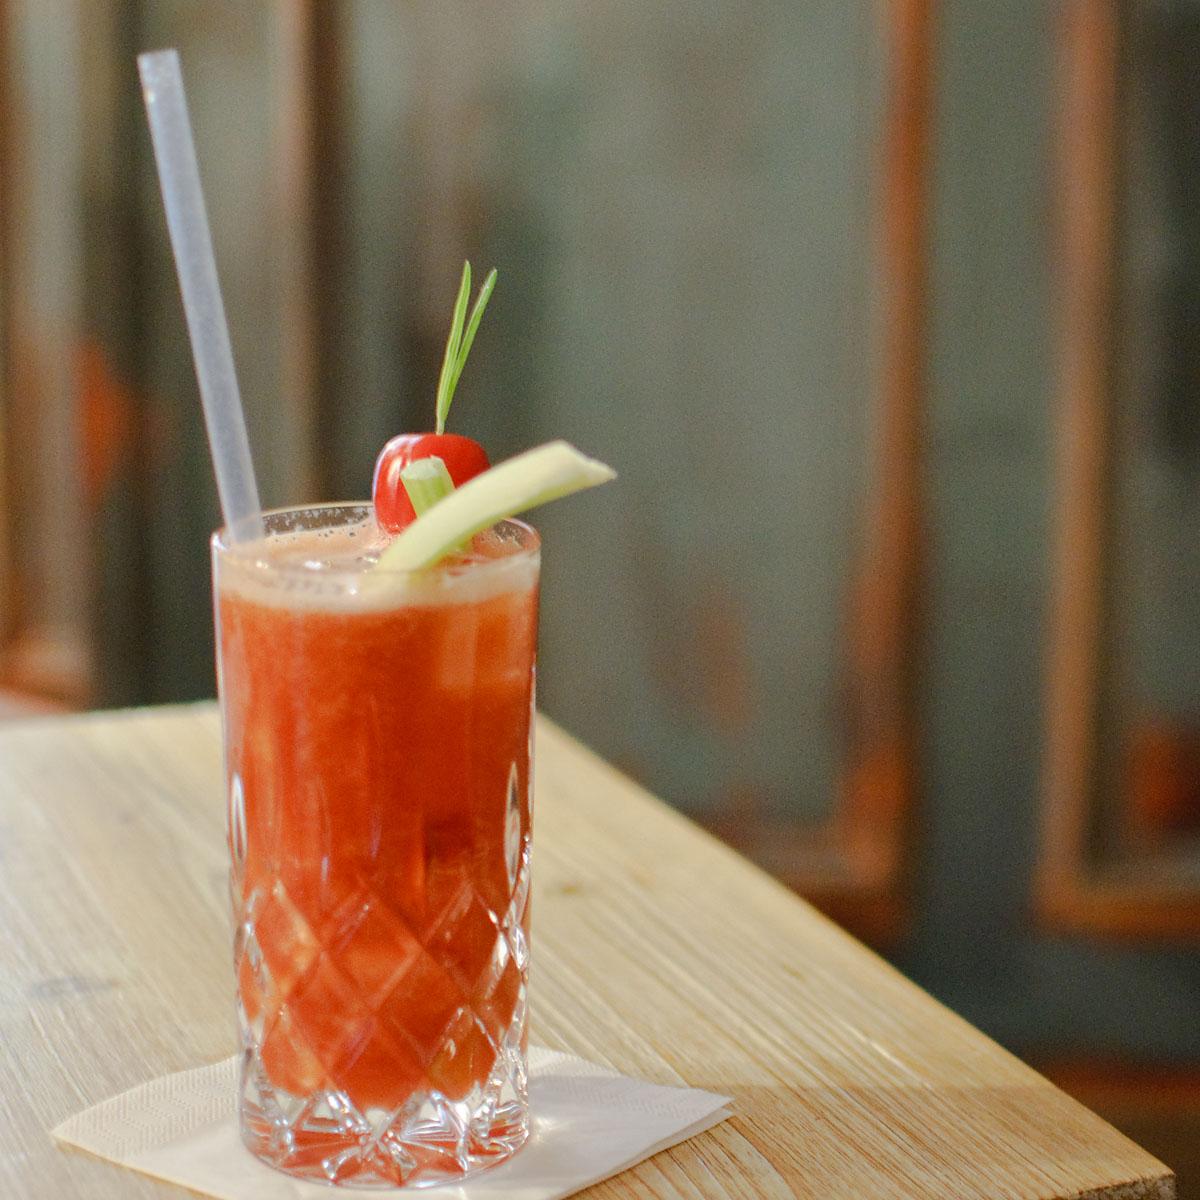 Ein Red Snapper-Cocktail aus dem Marple & Stringer.